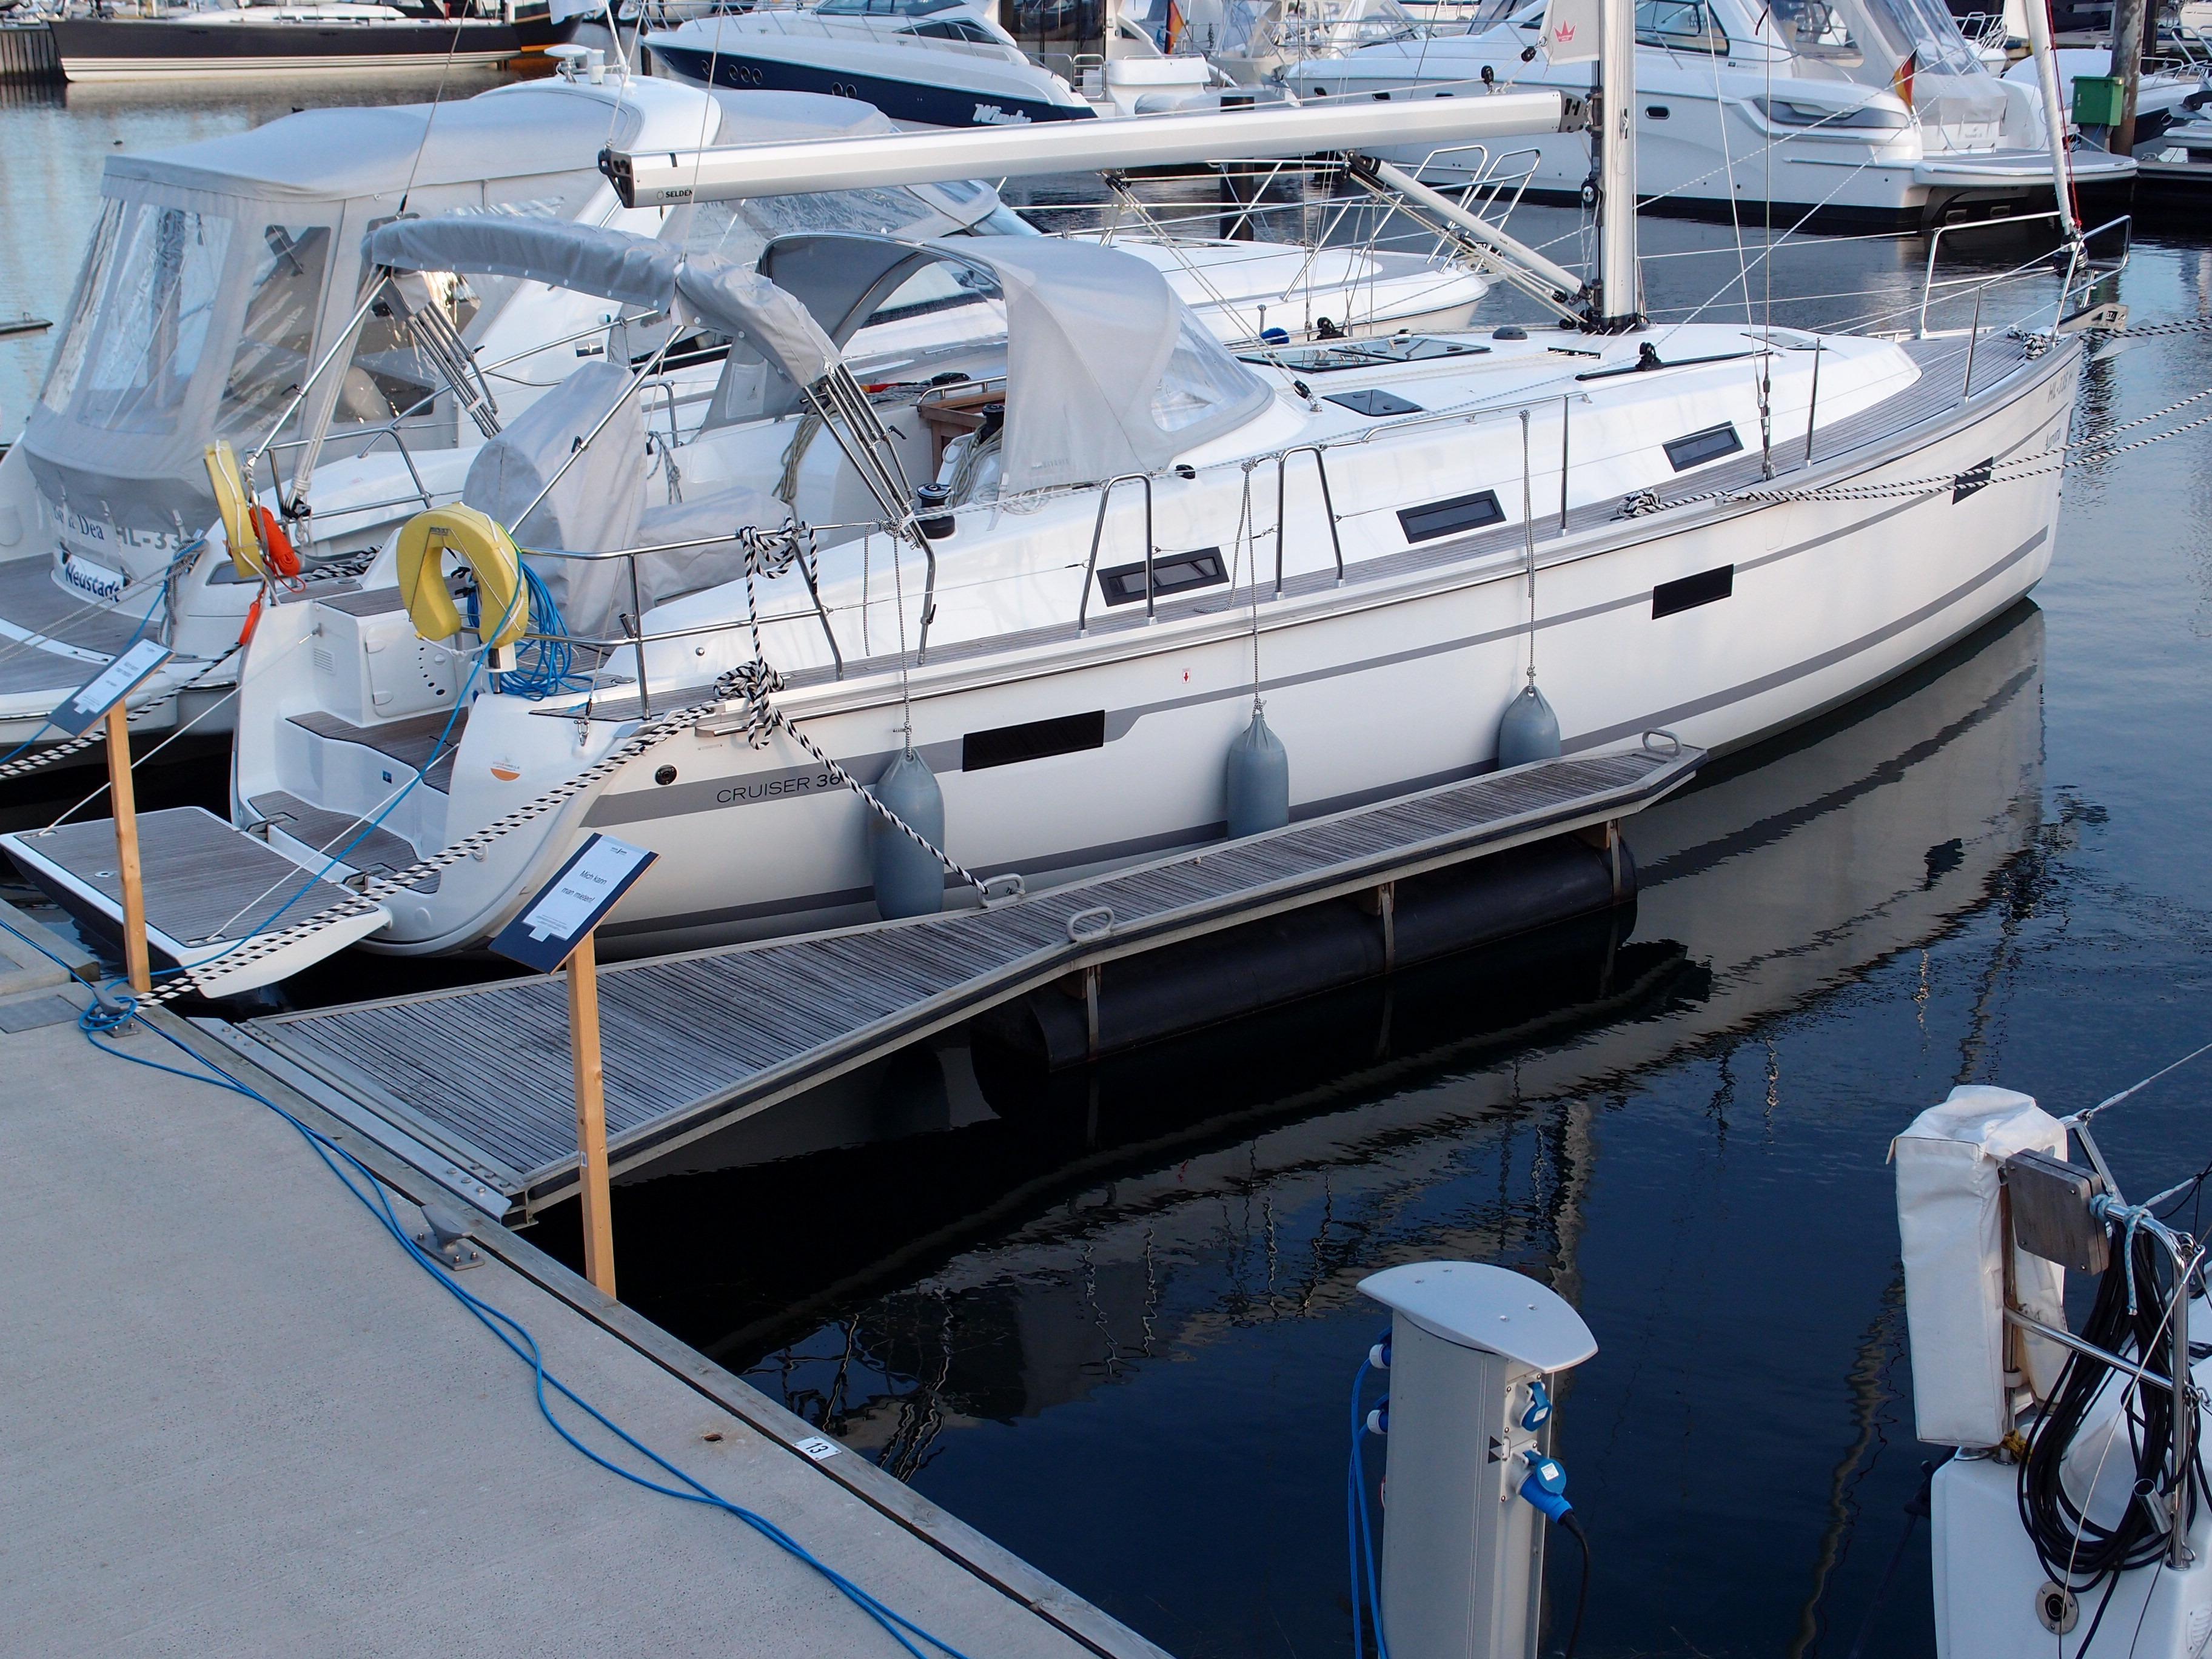 Bavaria 36 Cruiser, Near Heiligenhafen